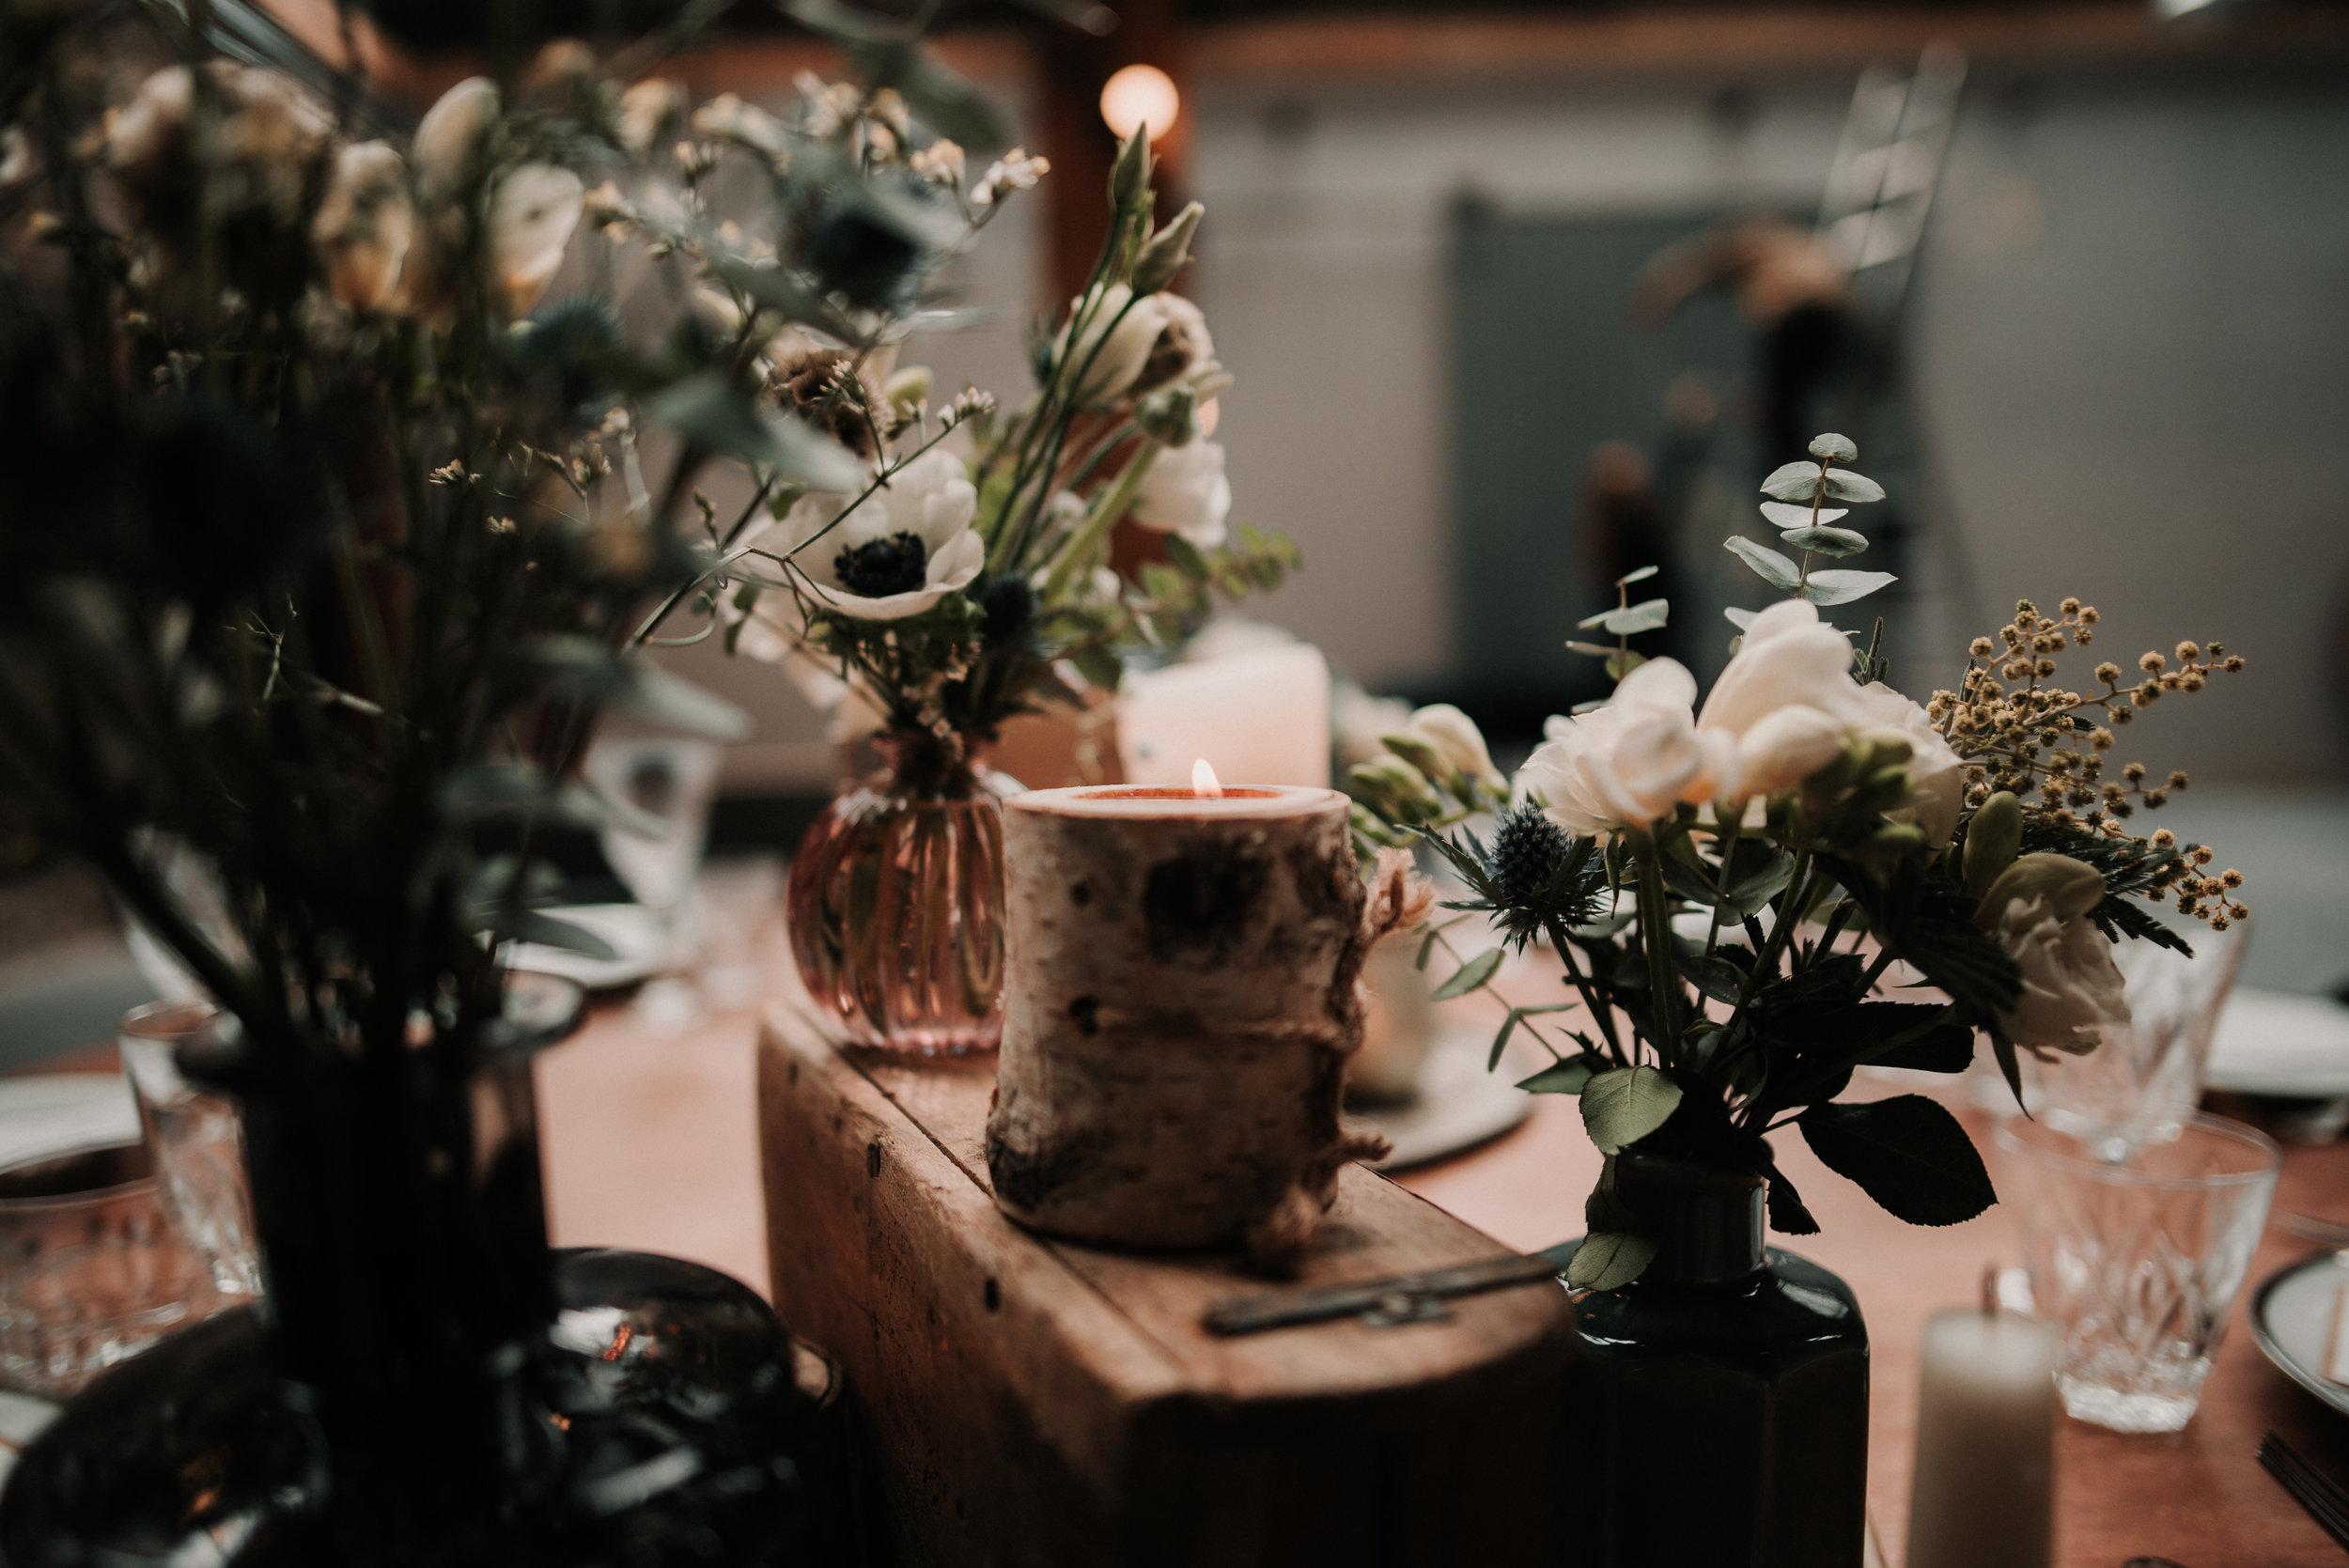 Léa-Fery-photographe-professionnel-lyon-rhone-alpes-portrait-creation-mariage-evenement-evenementiel-famille-1419.jpg